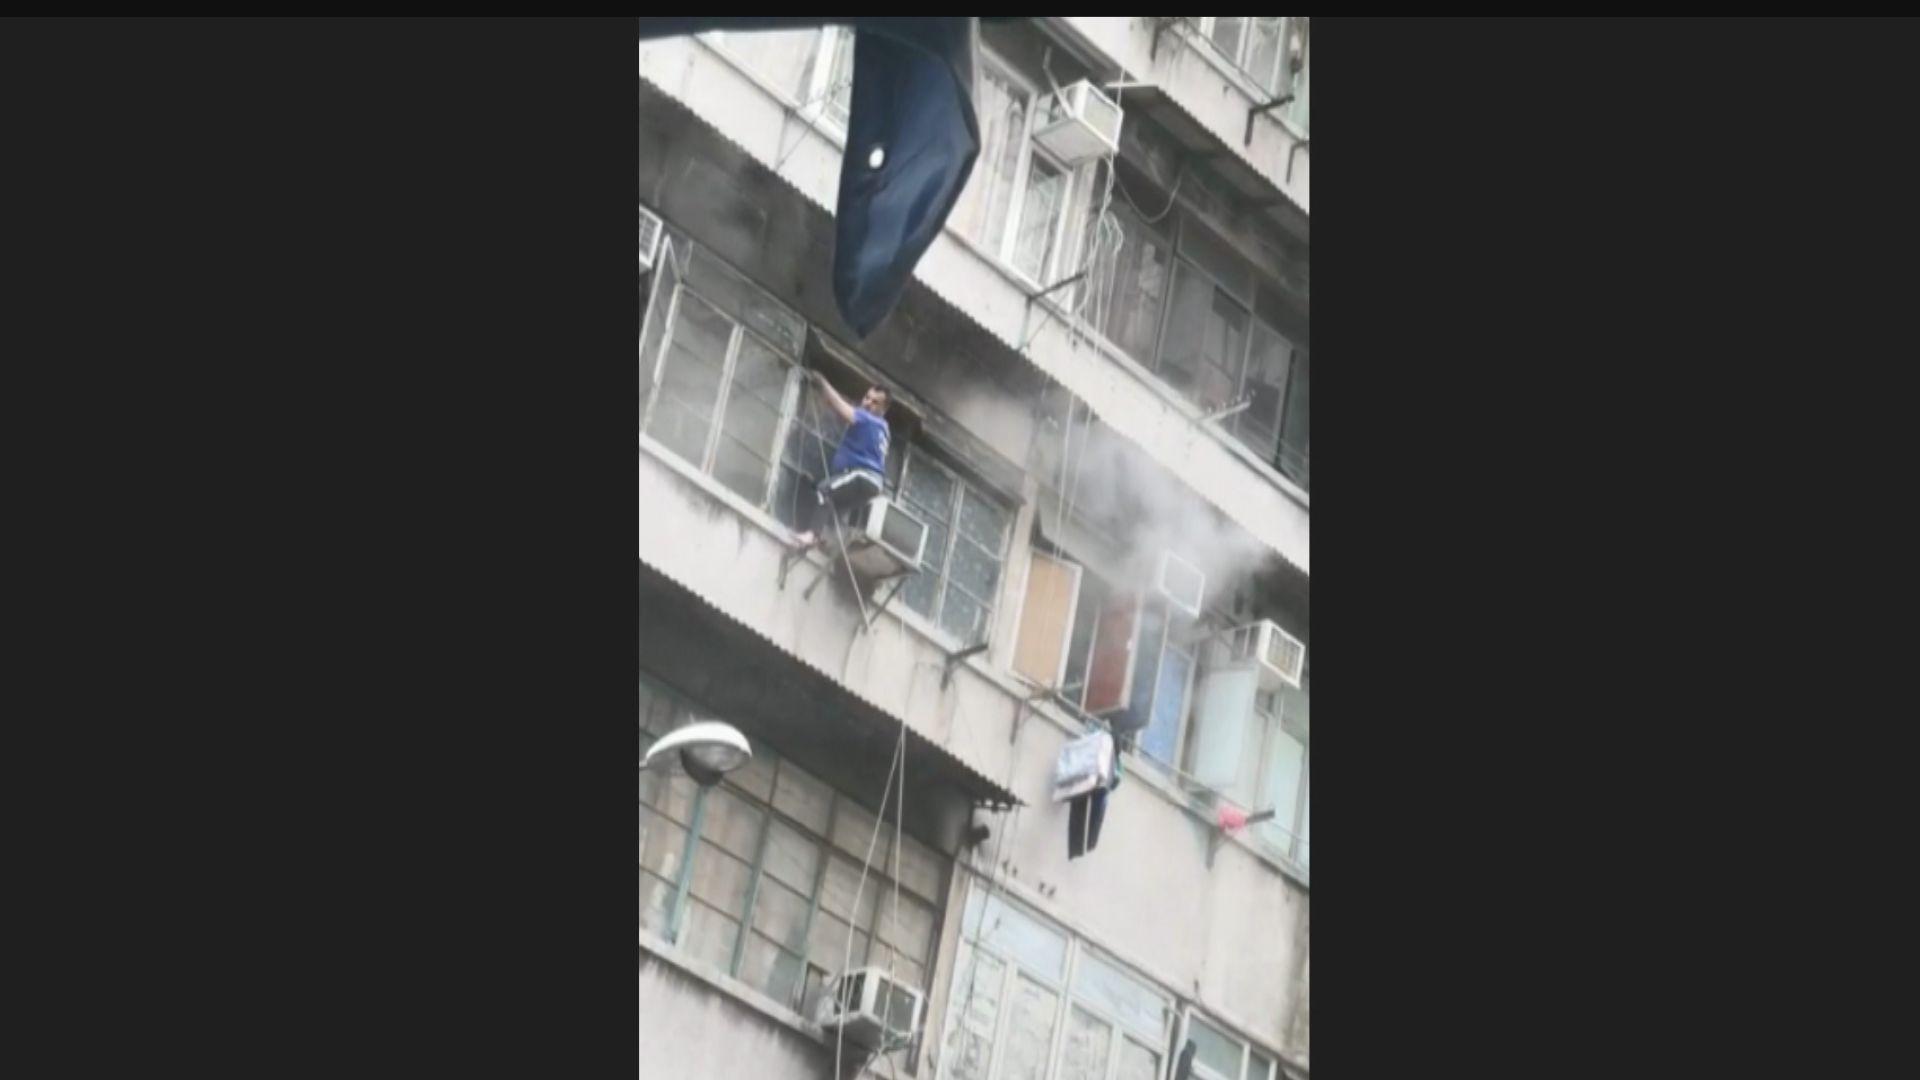 佐敦劏房火警 男子一度危坐冷氣機頂待救